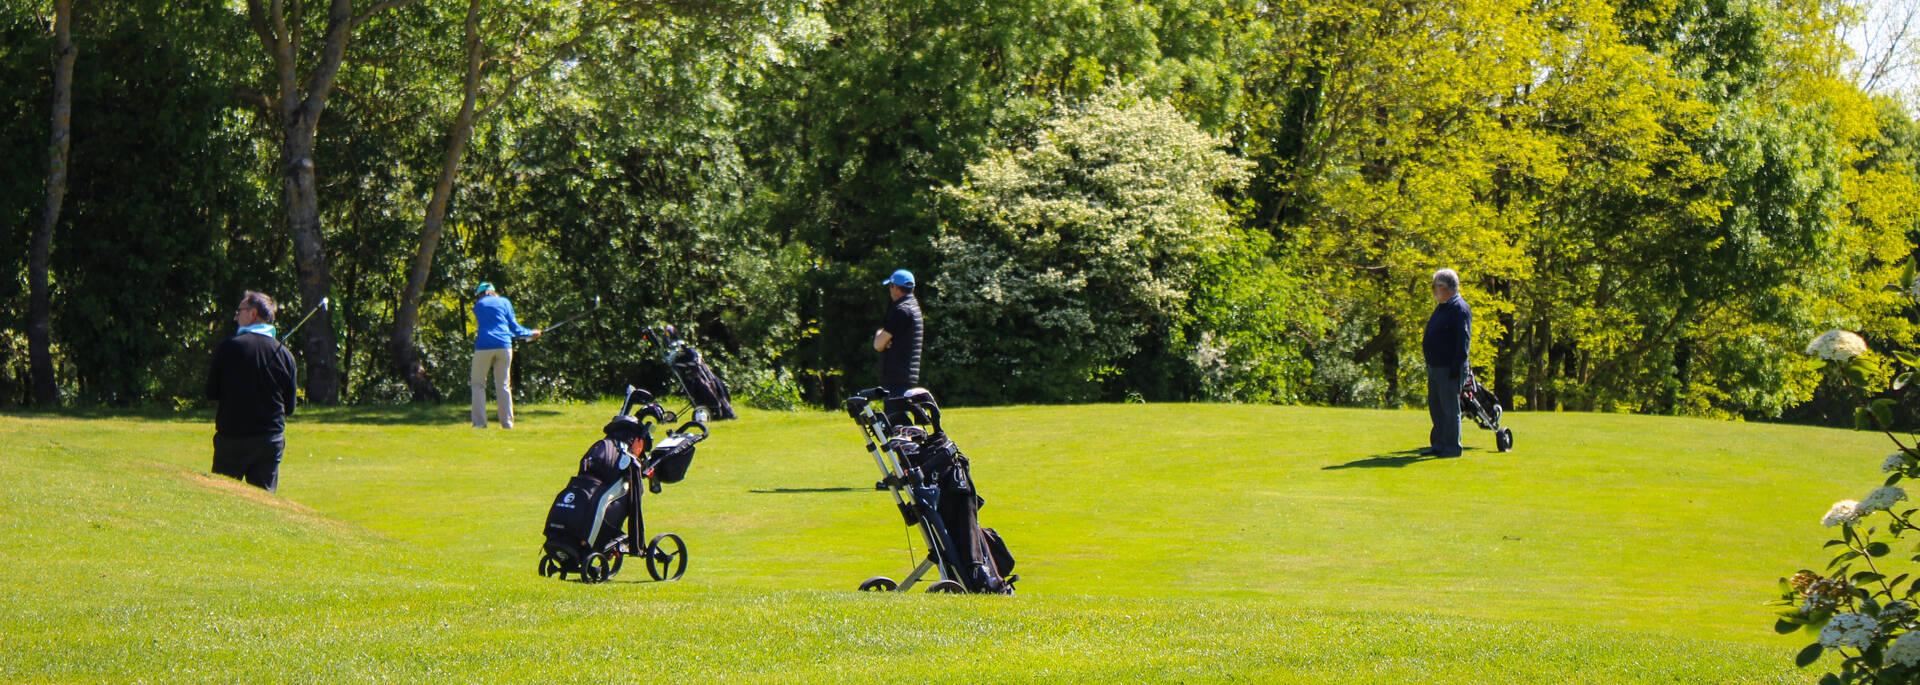 Rassemblement de compétiteurs de golf les dimanches - © Office de tourisme Rochefort Océan